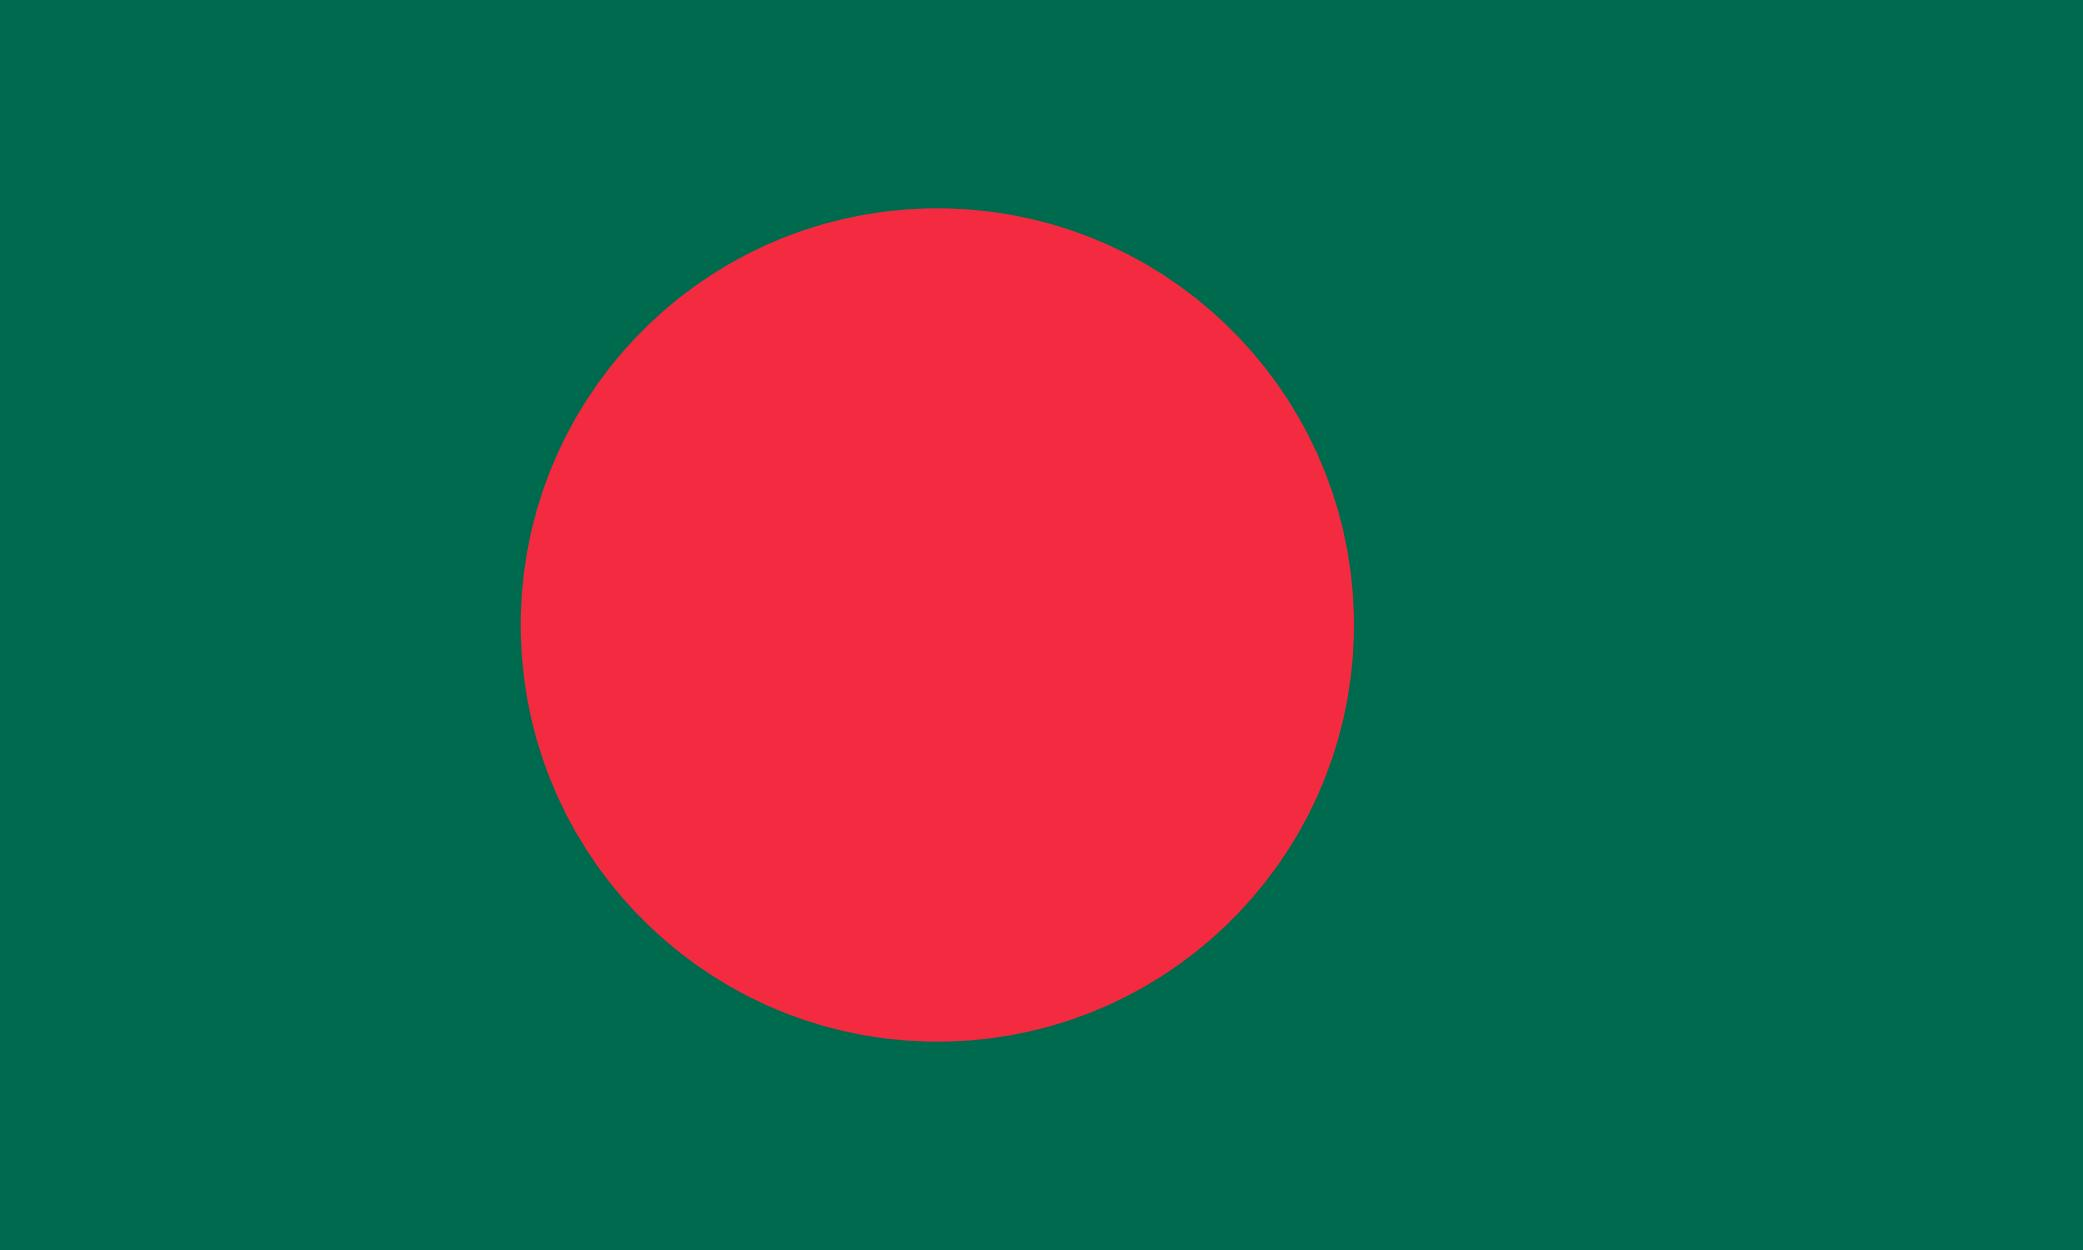 Flag_of_Bangladesh